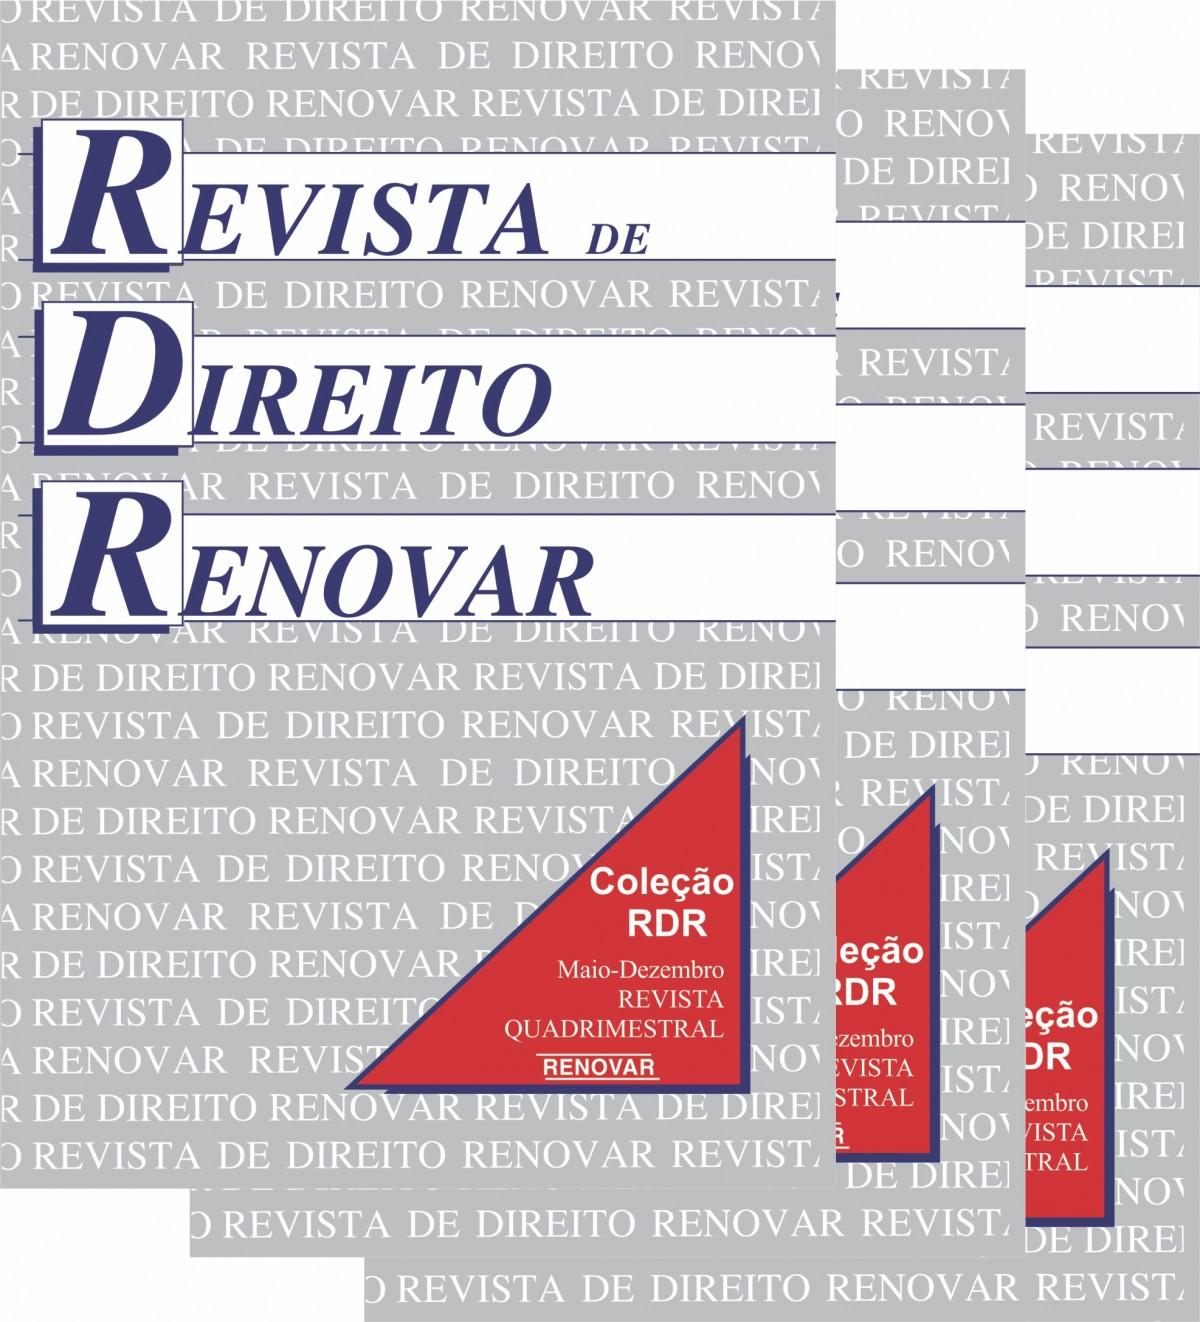 Foto 1 - Coleção RDR - 46 Volumes